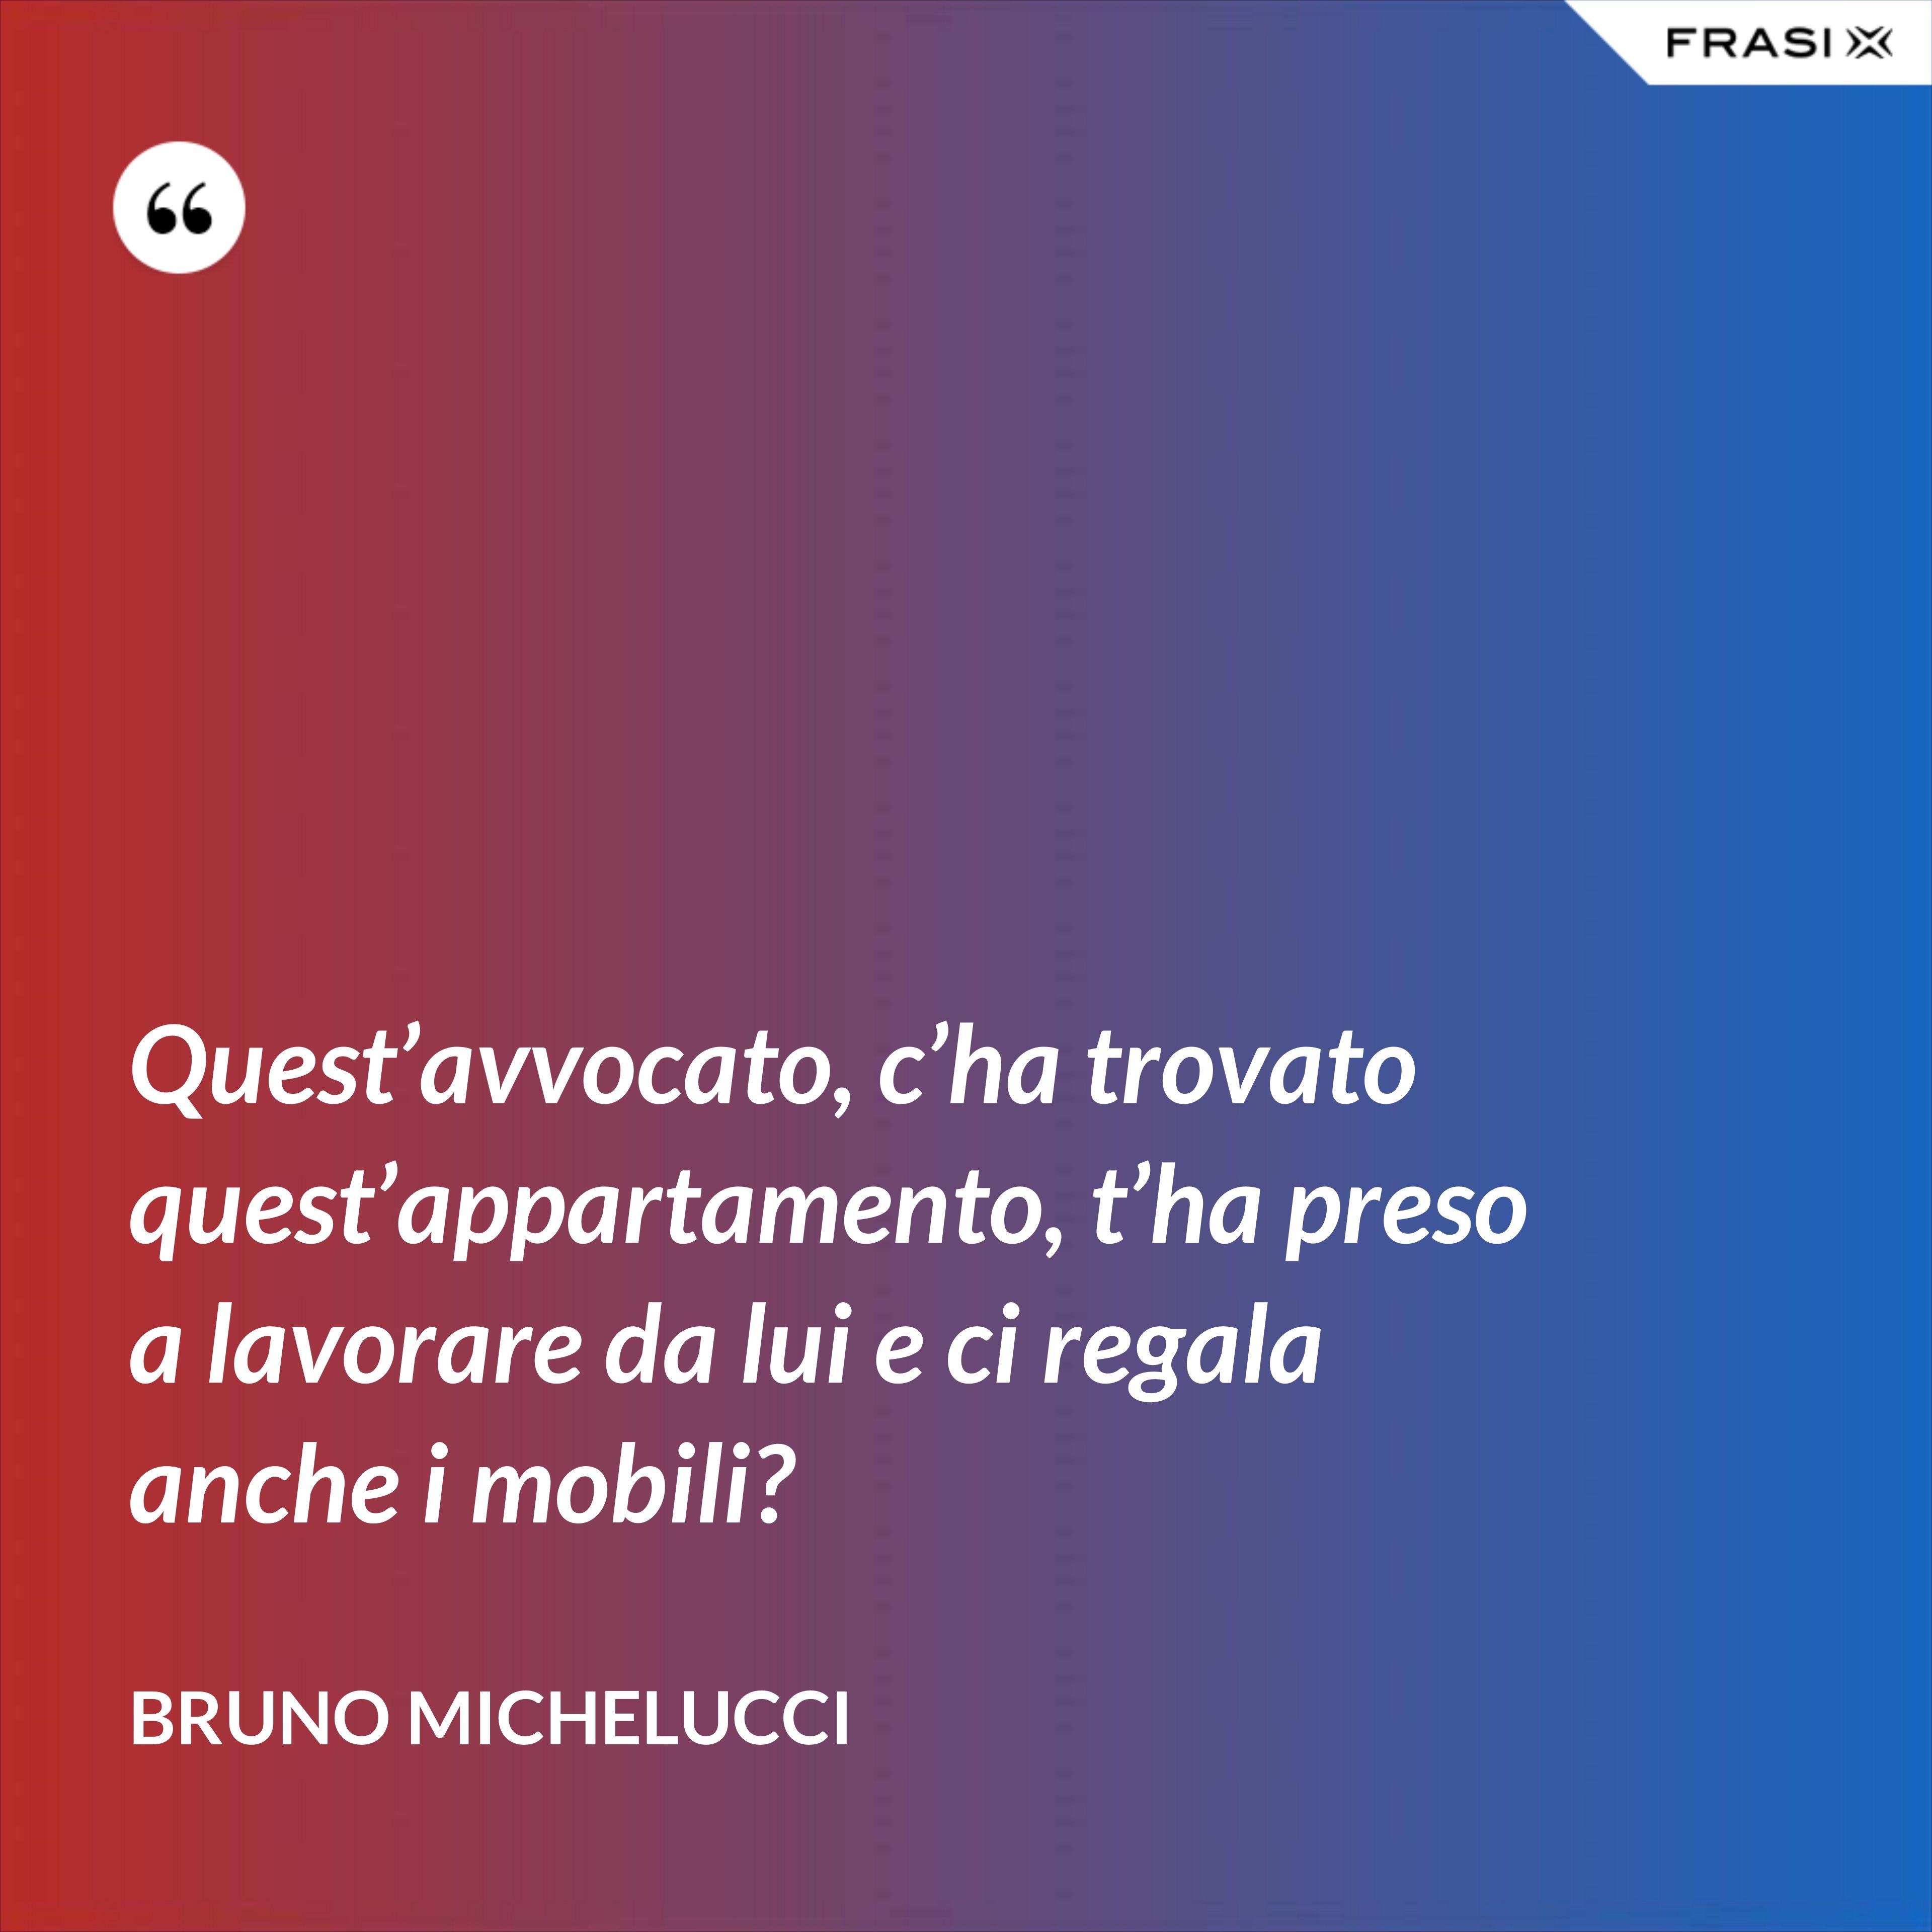 Quest'avvocato, c'ha trovato quest'appartamento, t'ha preso a lavorare da lui e ci regala anche i mobili? - Bruno Michelucci